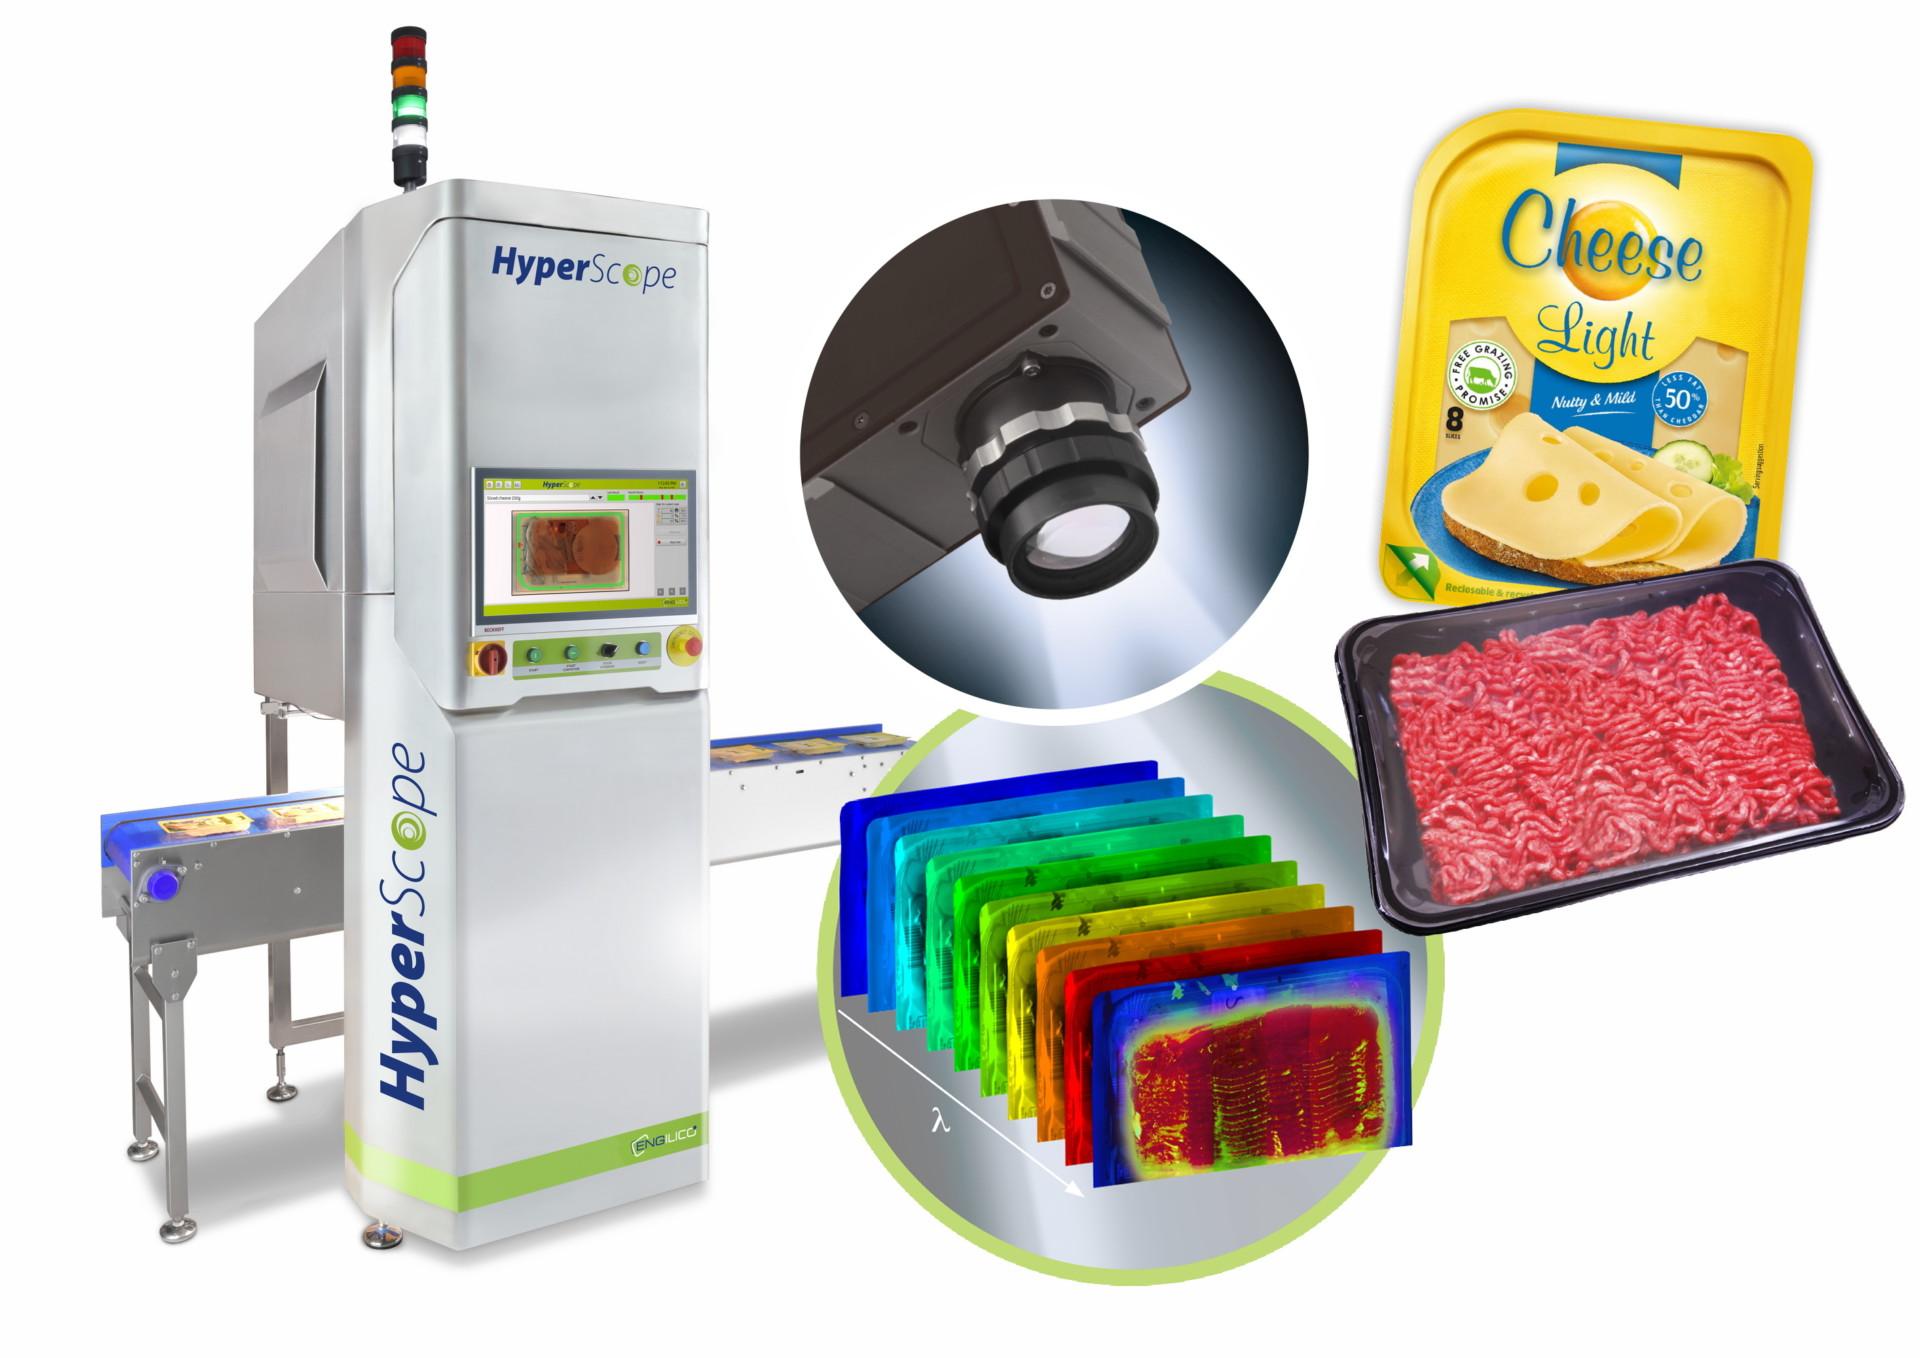 Innovatieve hyperspectraal-beeldtechnologie detecteert contaminaties door bedrukte folies van plastic en kartonnen schaaltjes